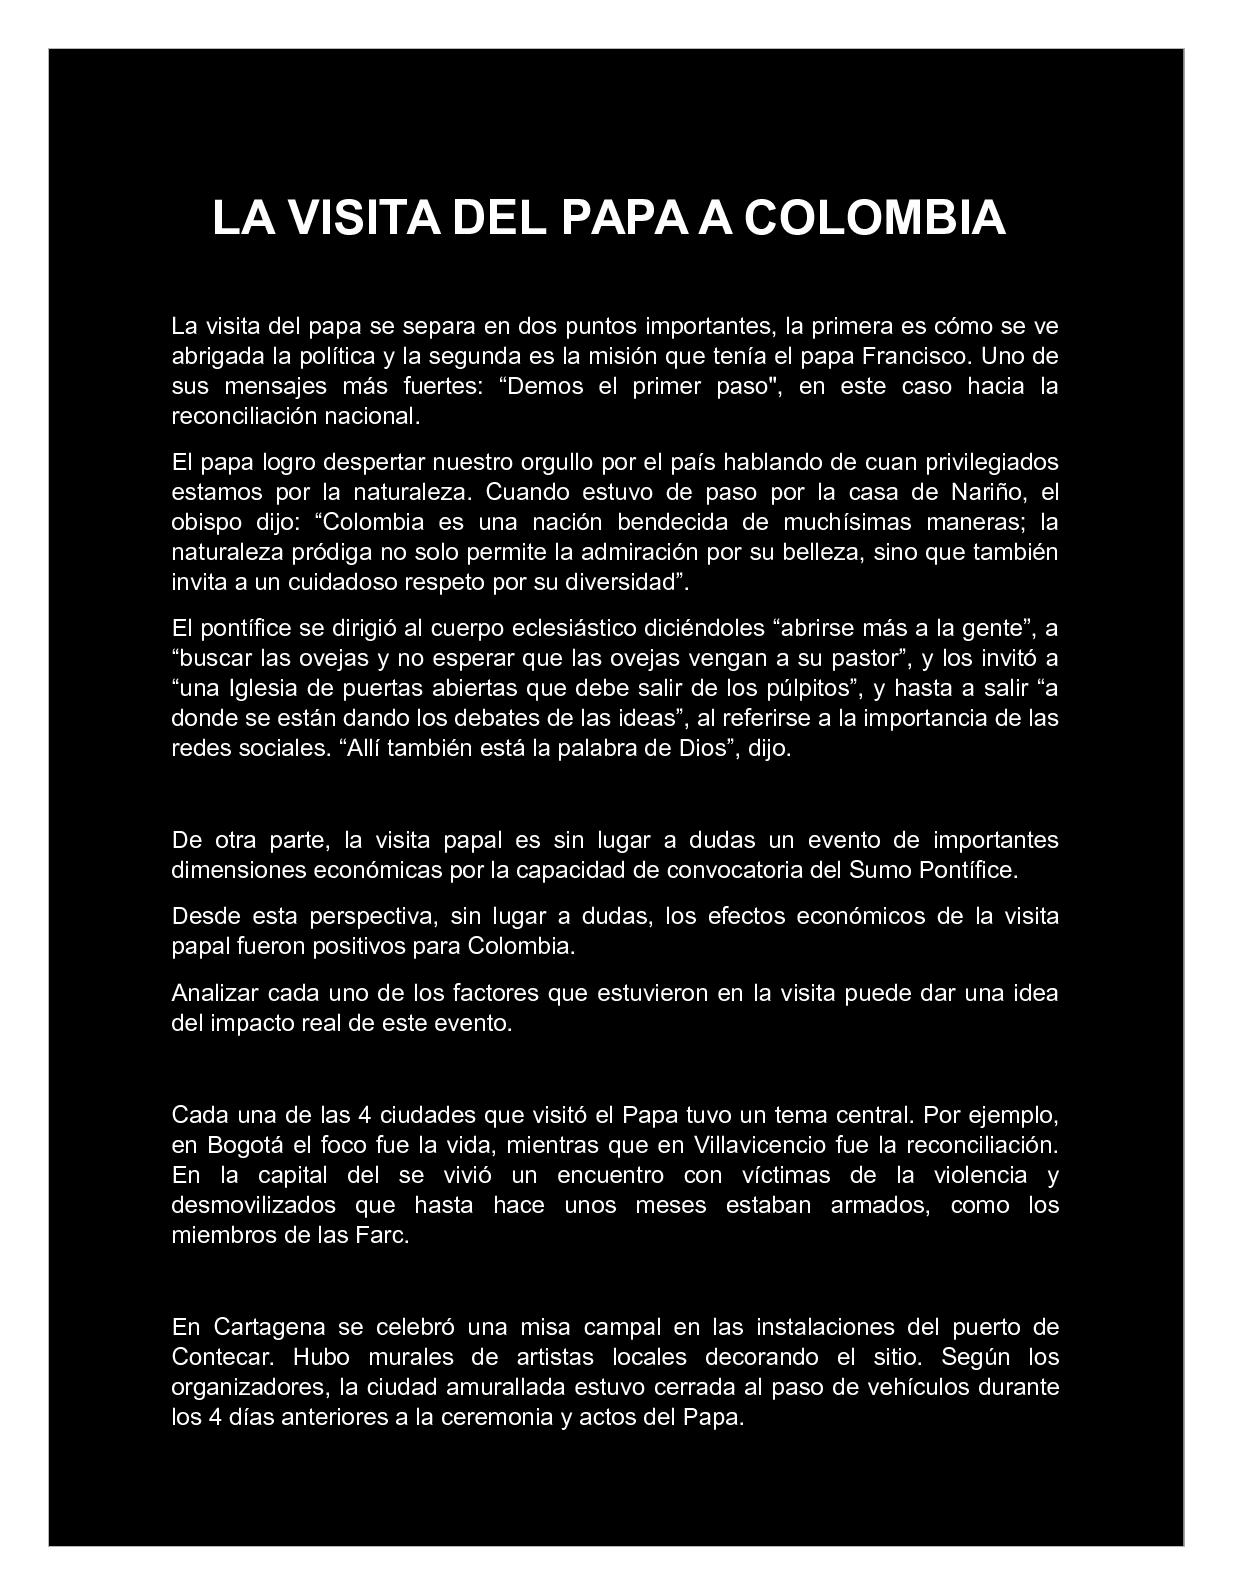 Calaméo - Visita del papa a Colombia 44a1387c6bc